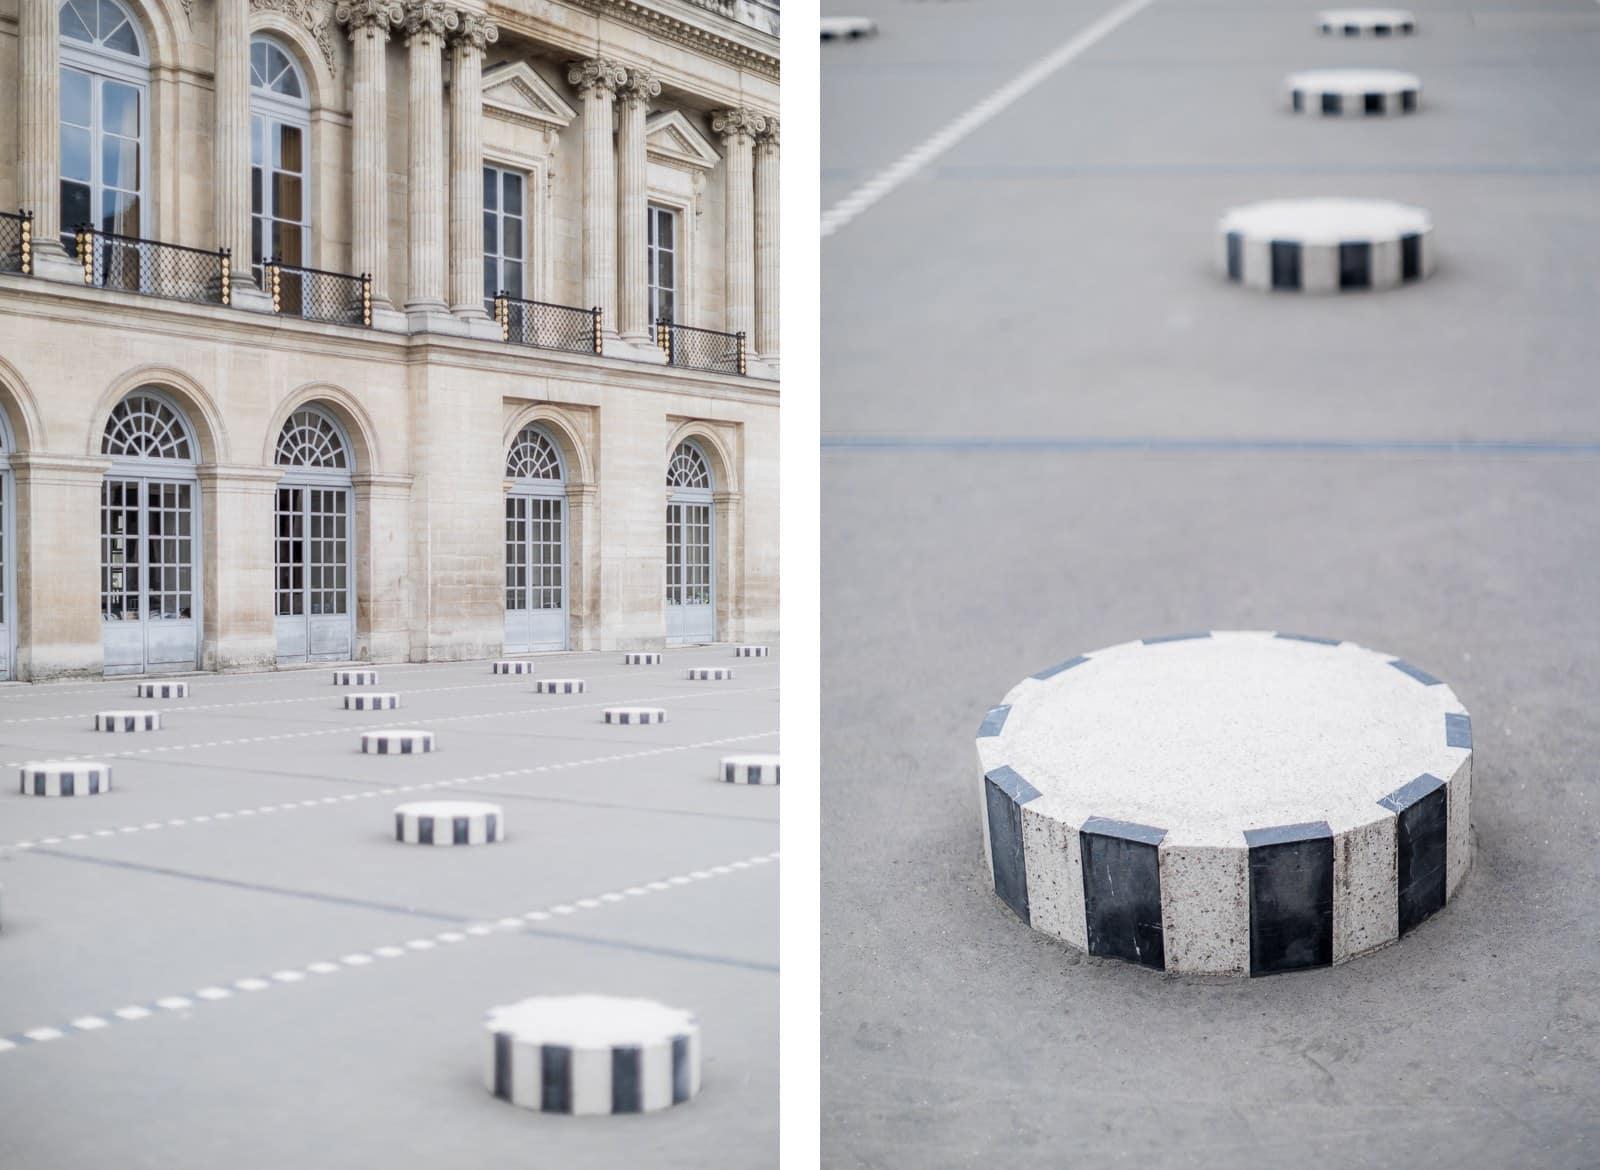 Photo de Mathieu Dété, détail des colonnes de Buren du Palais Royal à Paris